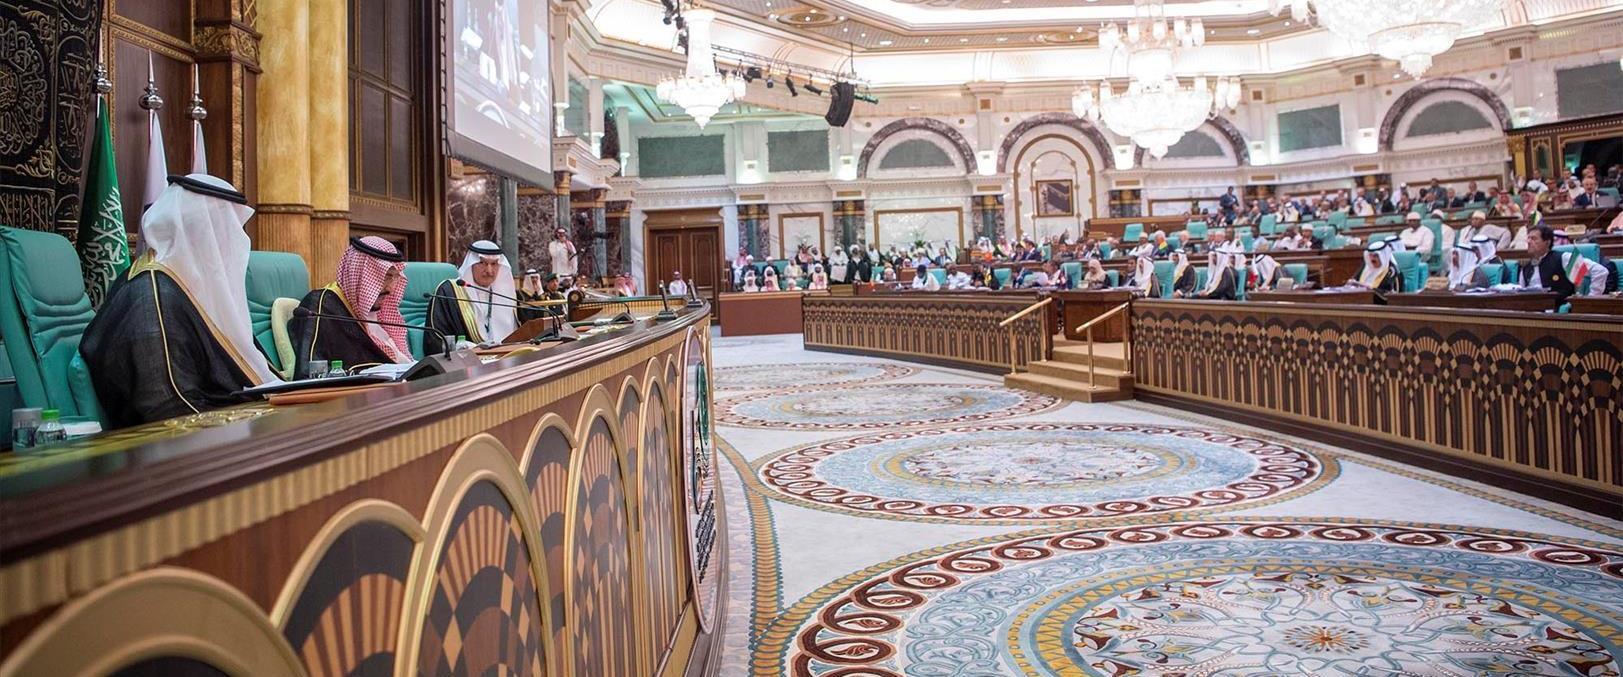 ועידת ארגון המדינות האסלאמיות בסעודיה